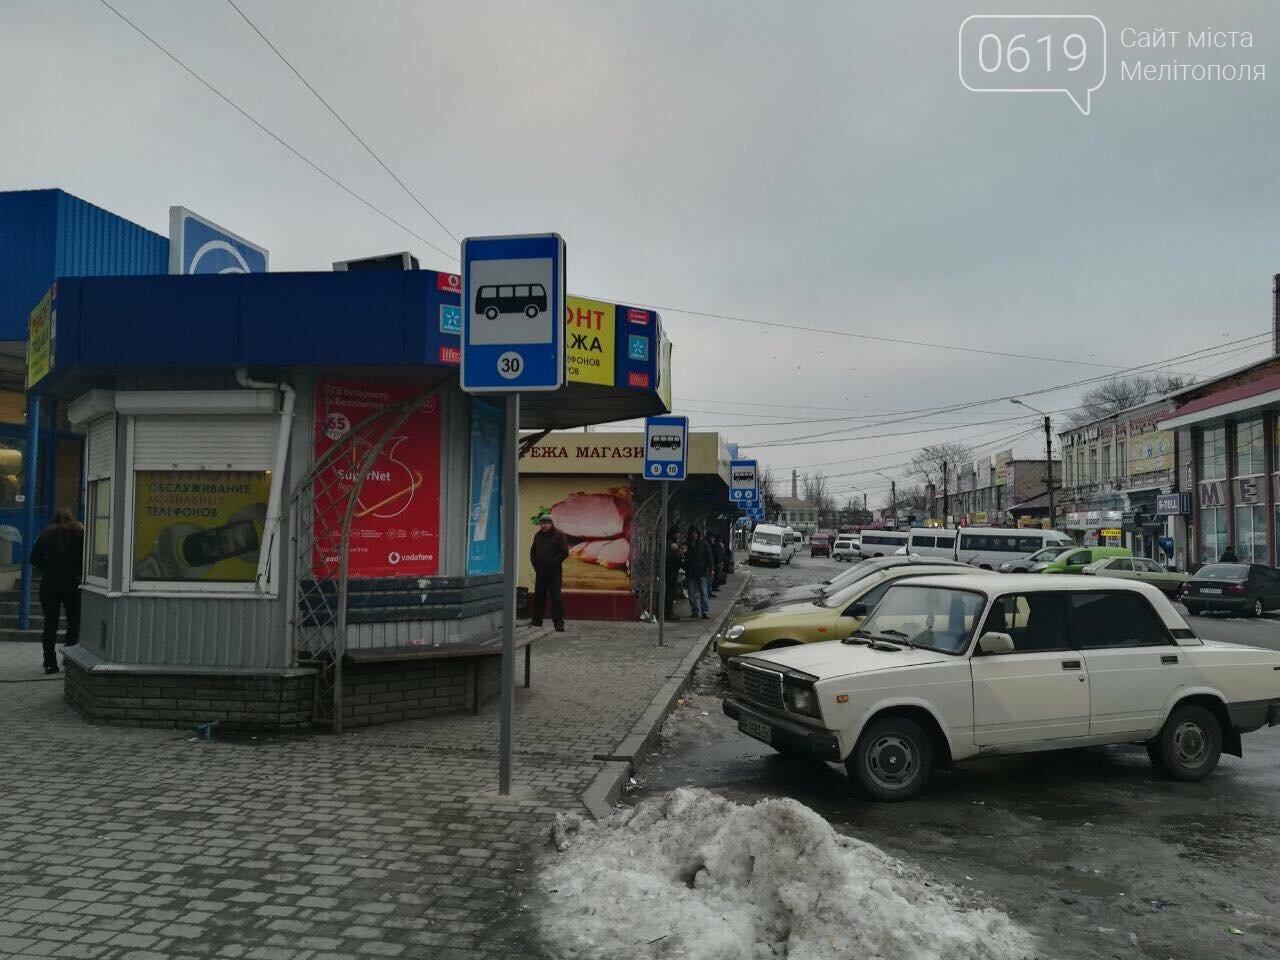 В Мелитополе на рынке установили информационные таблички, фото-2